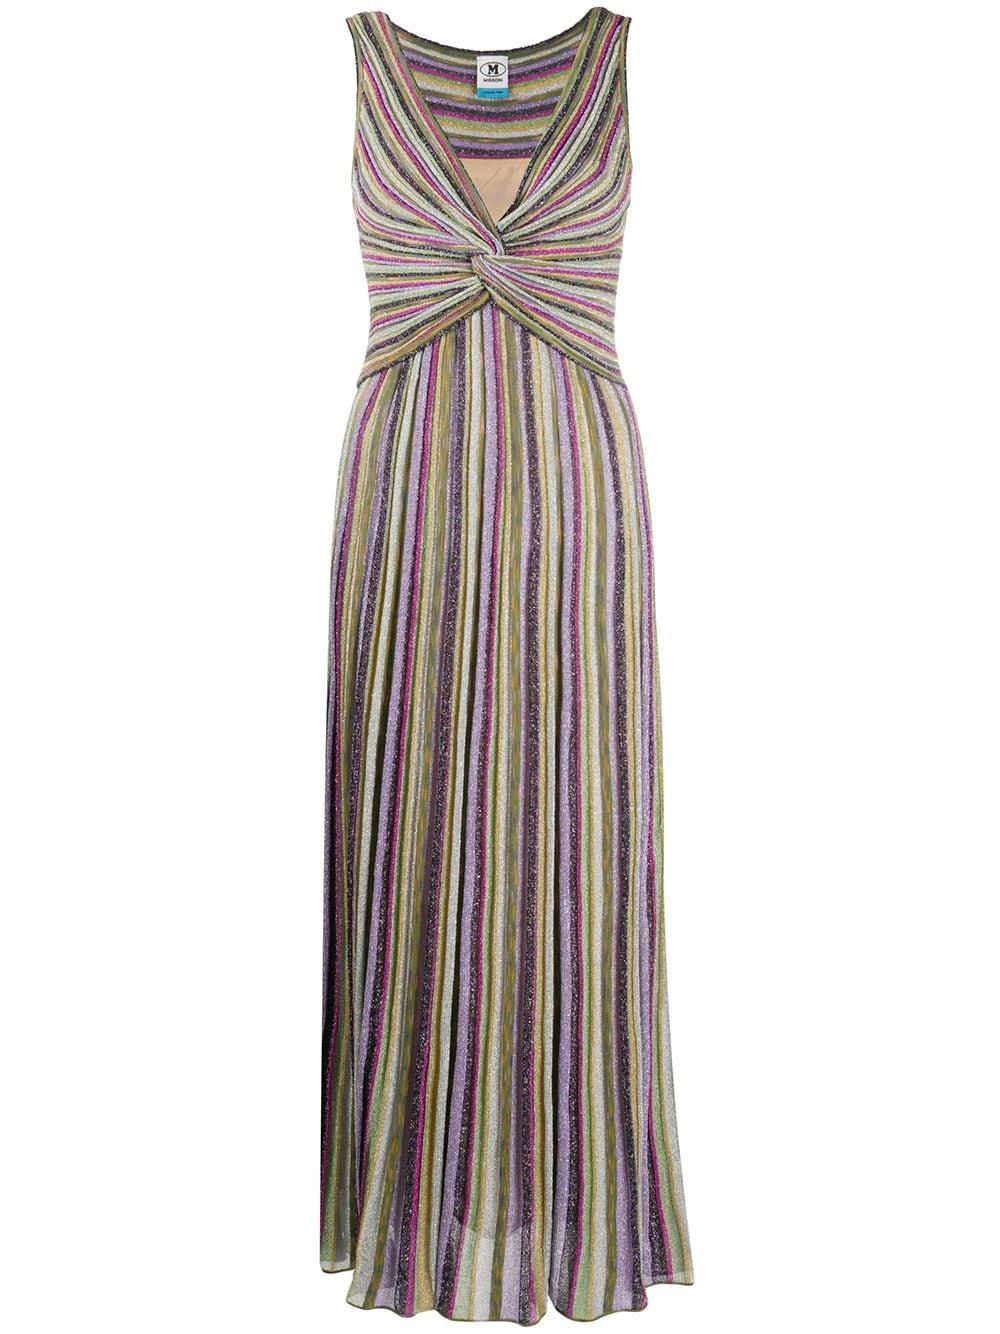 Cotton Blend Dress